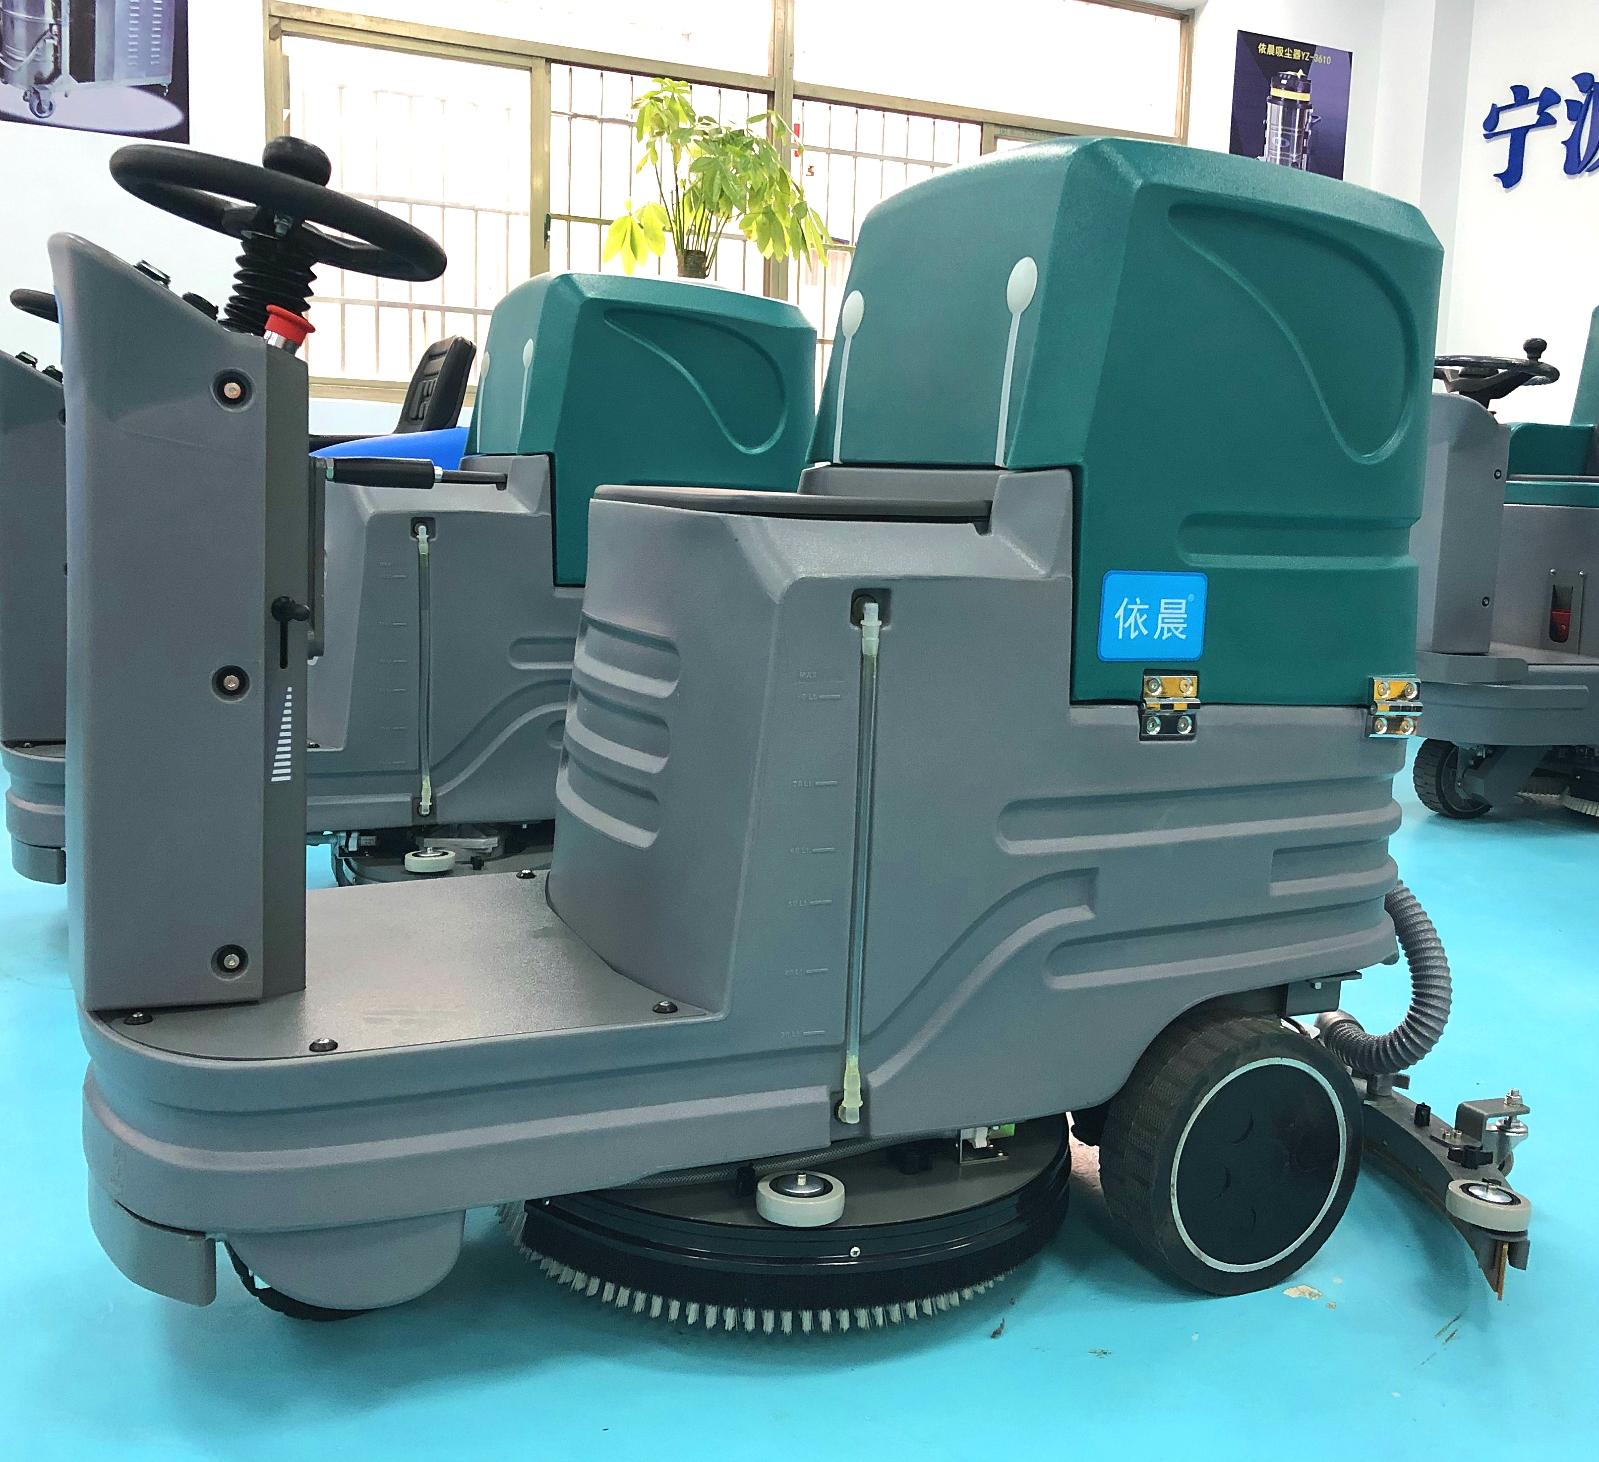 依晨H80驾驶式洗地机工业工厂车间商场超市车库地面用擦拖一体机